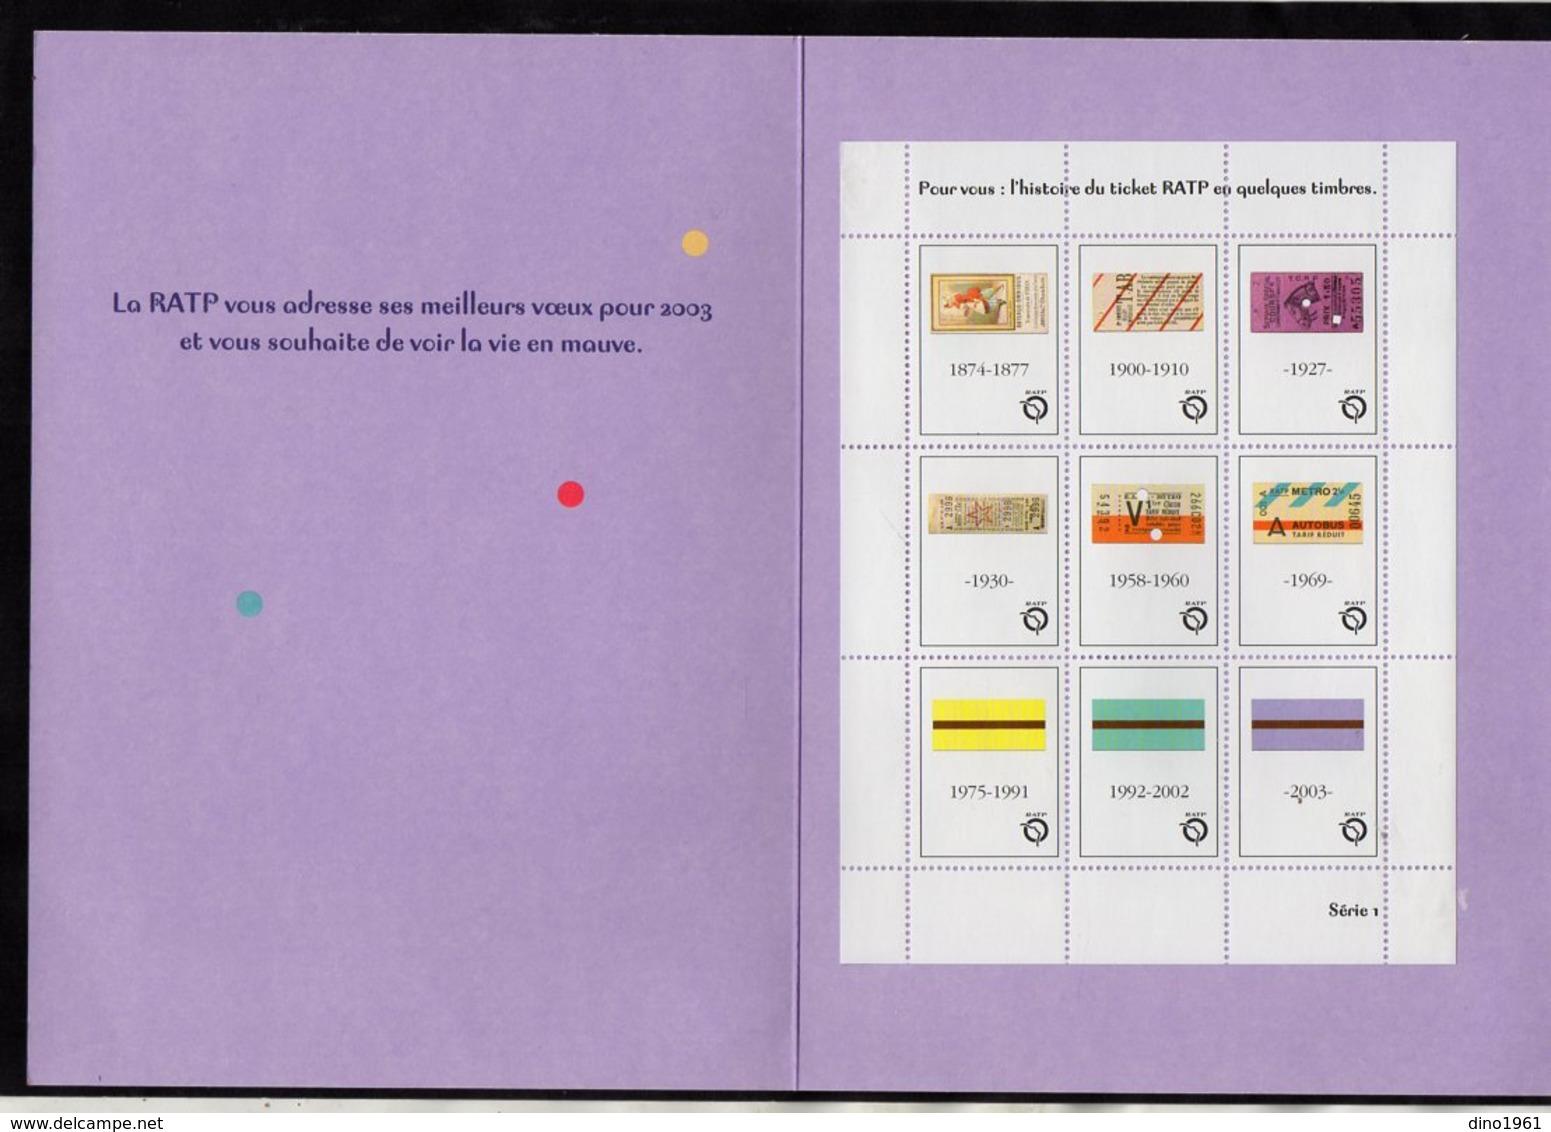 VP14.522 - PARIS 2003 - Métro - Carte De Voeux De La RATP - L'Histoire Du Ticket RATP En Quelques Timbres - Old Paper